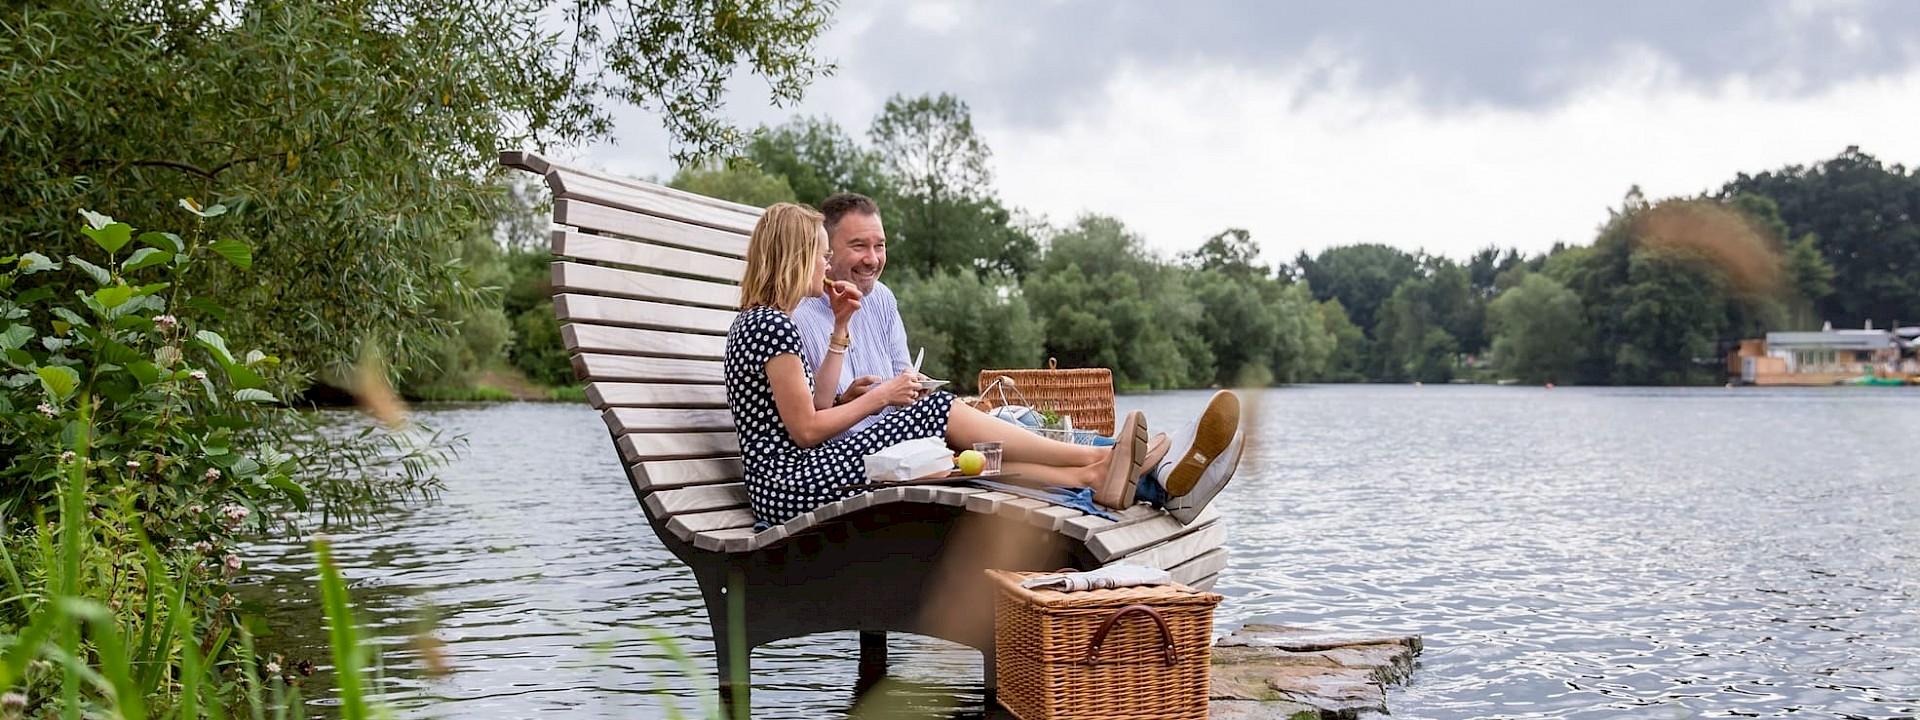 Entspannung auf dem Wasser Picknick auf der Aasee-Liege